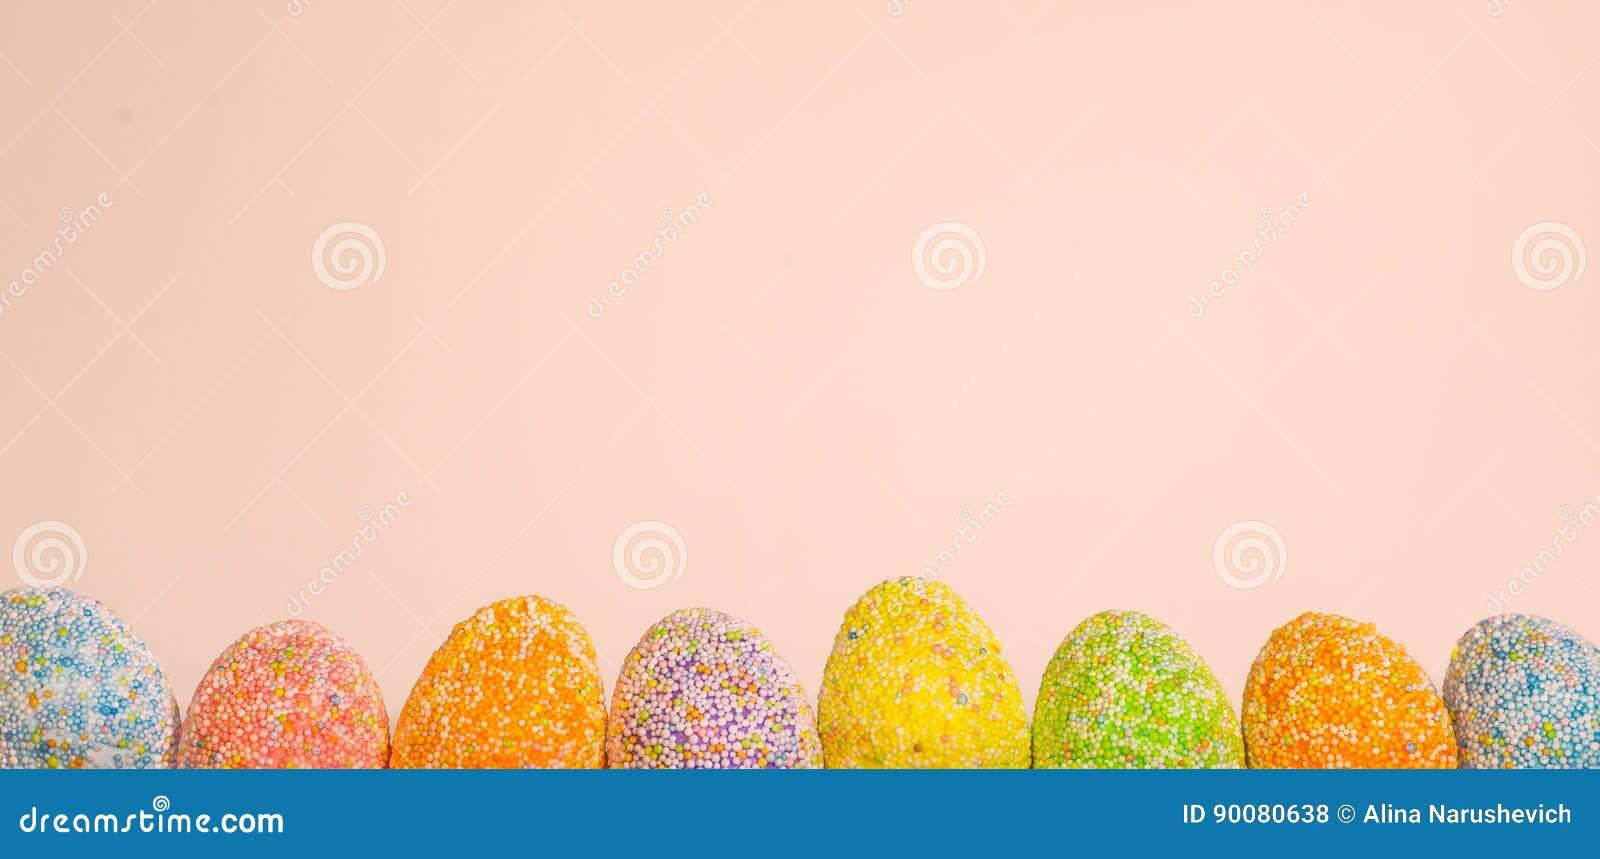 Enfileire ovos da páscoa com luz da mola - fundo cor-de-rosa